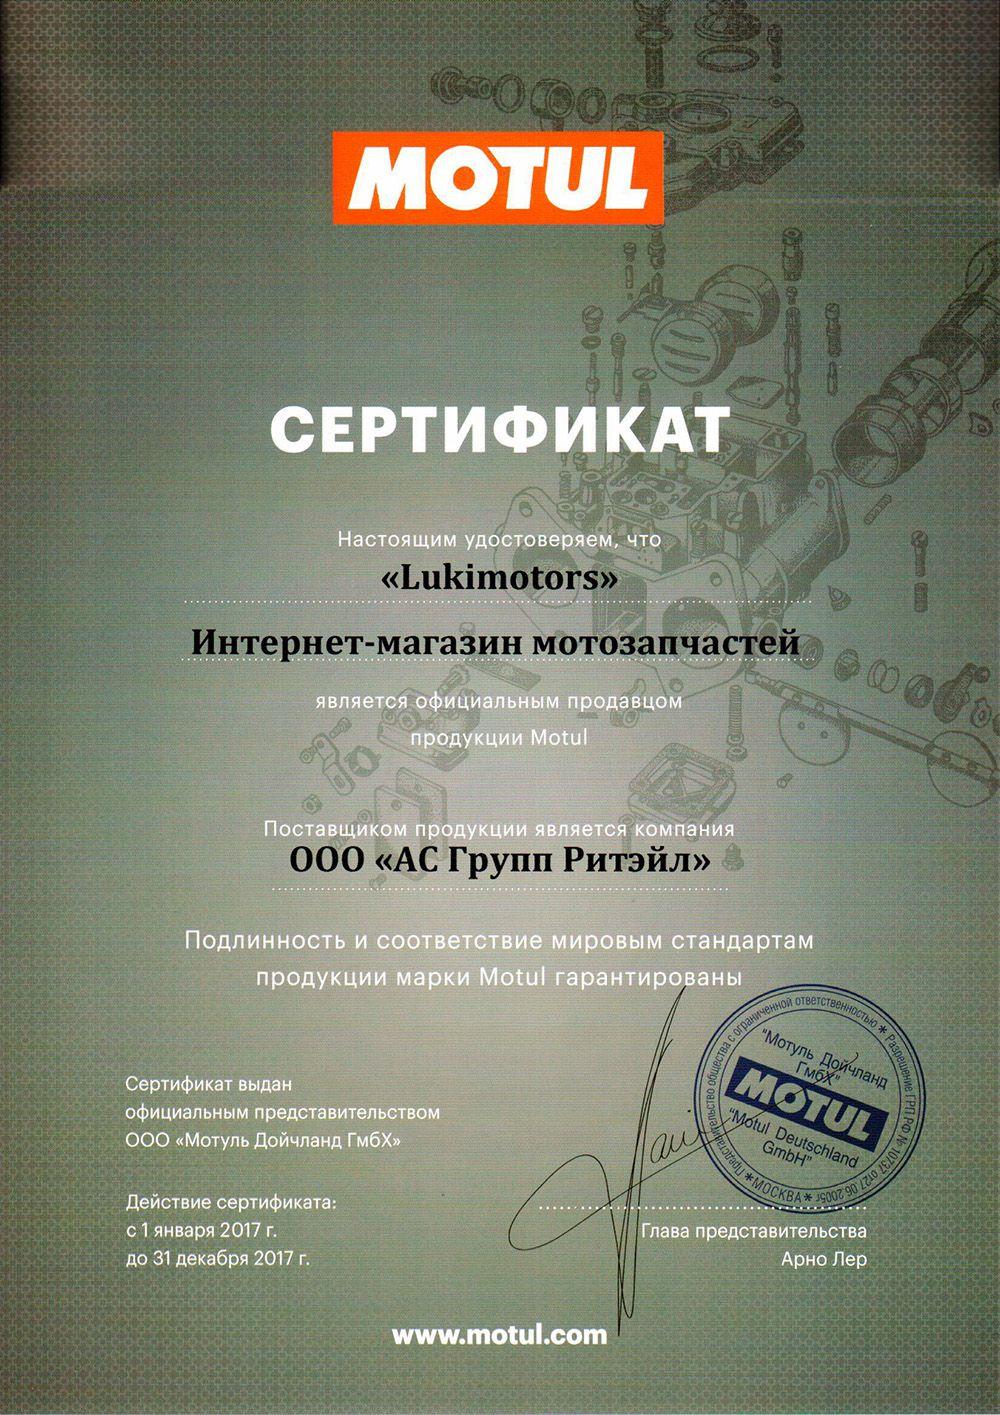 Сертификат продавца MOTUL